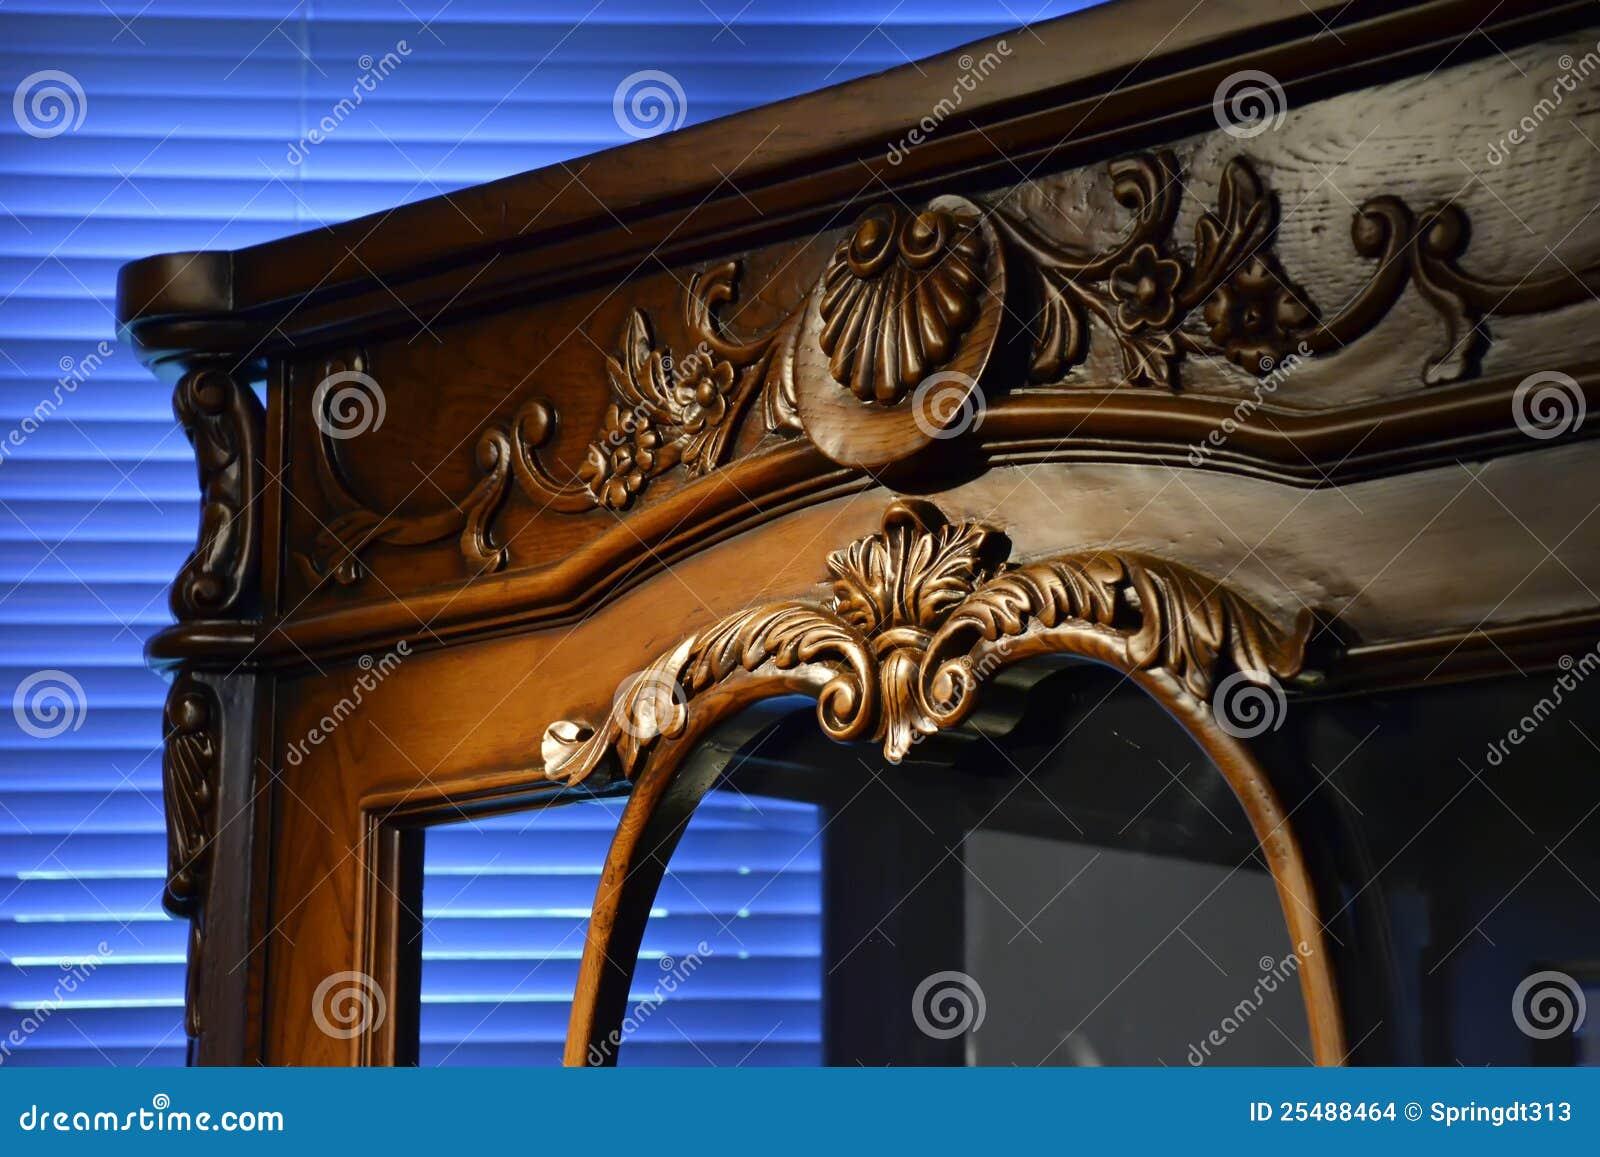 Muebles antiguos imagenes de archivo imagen 25488464 - Fotos de muebles antiguos ...